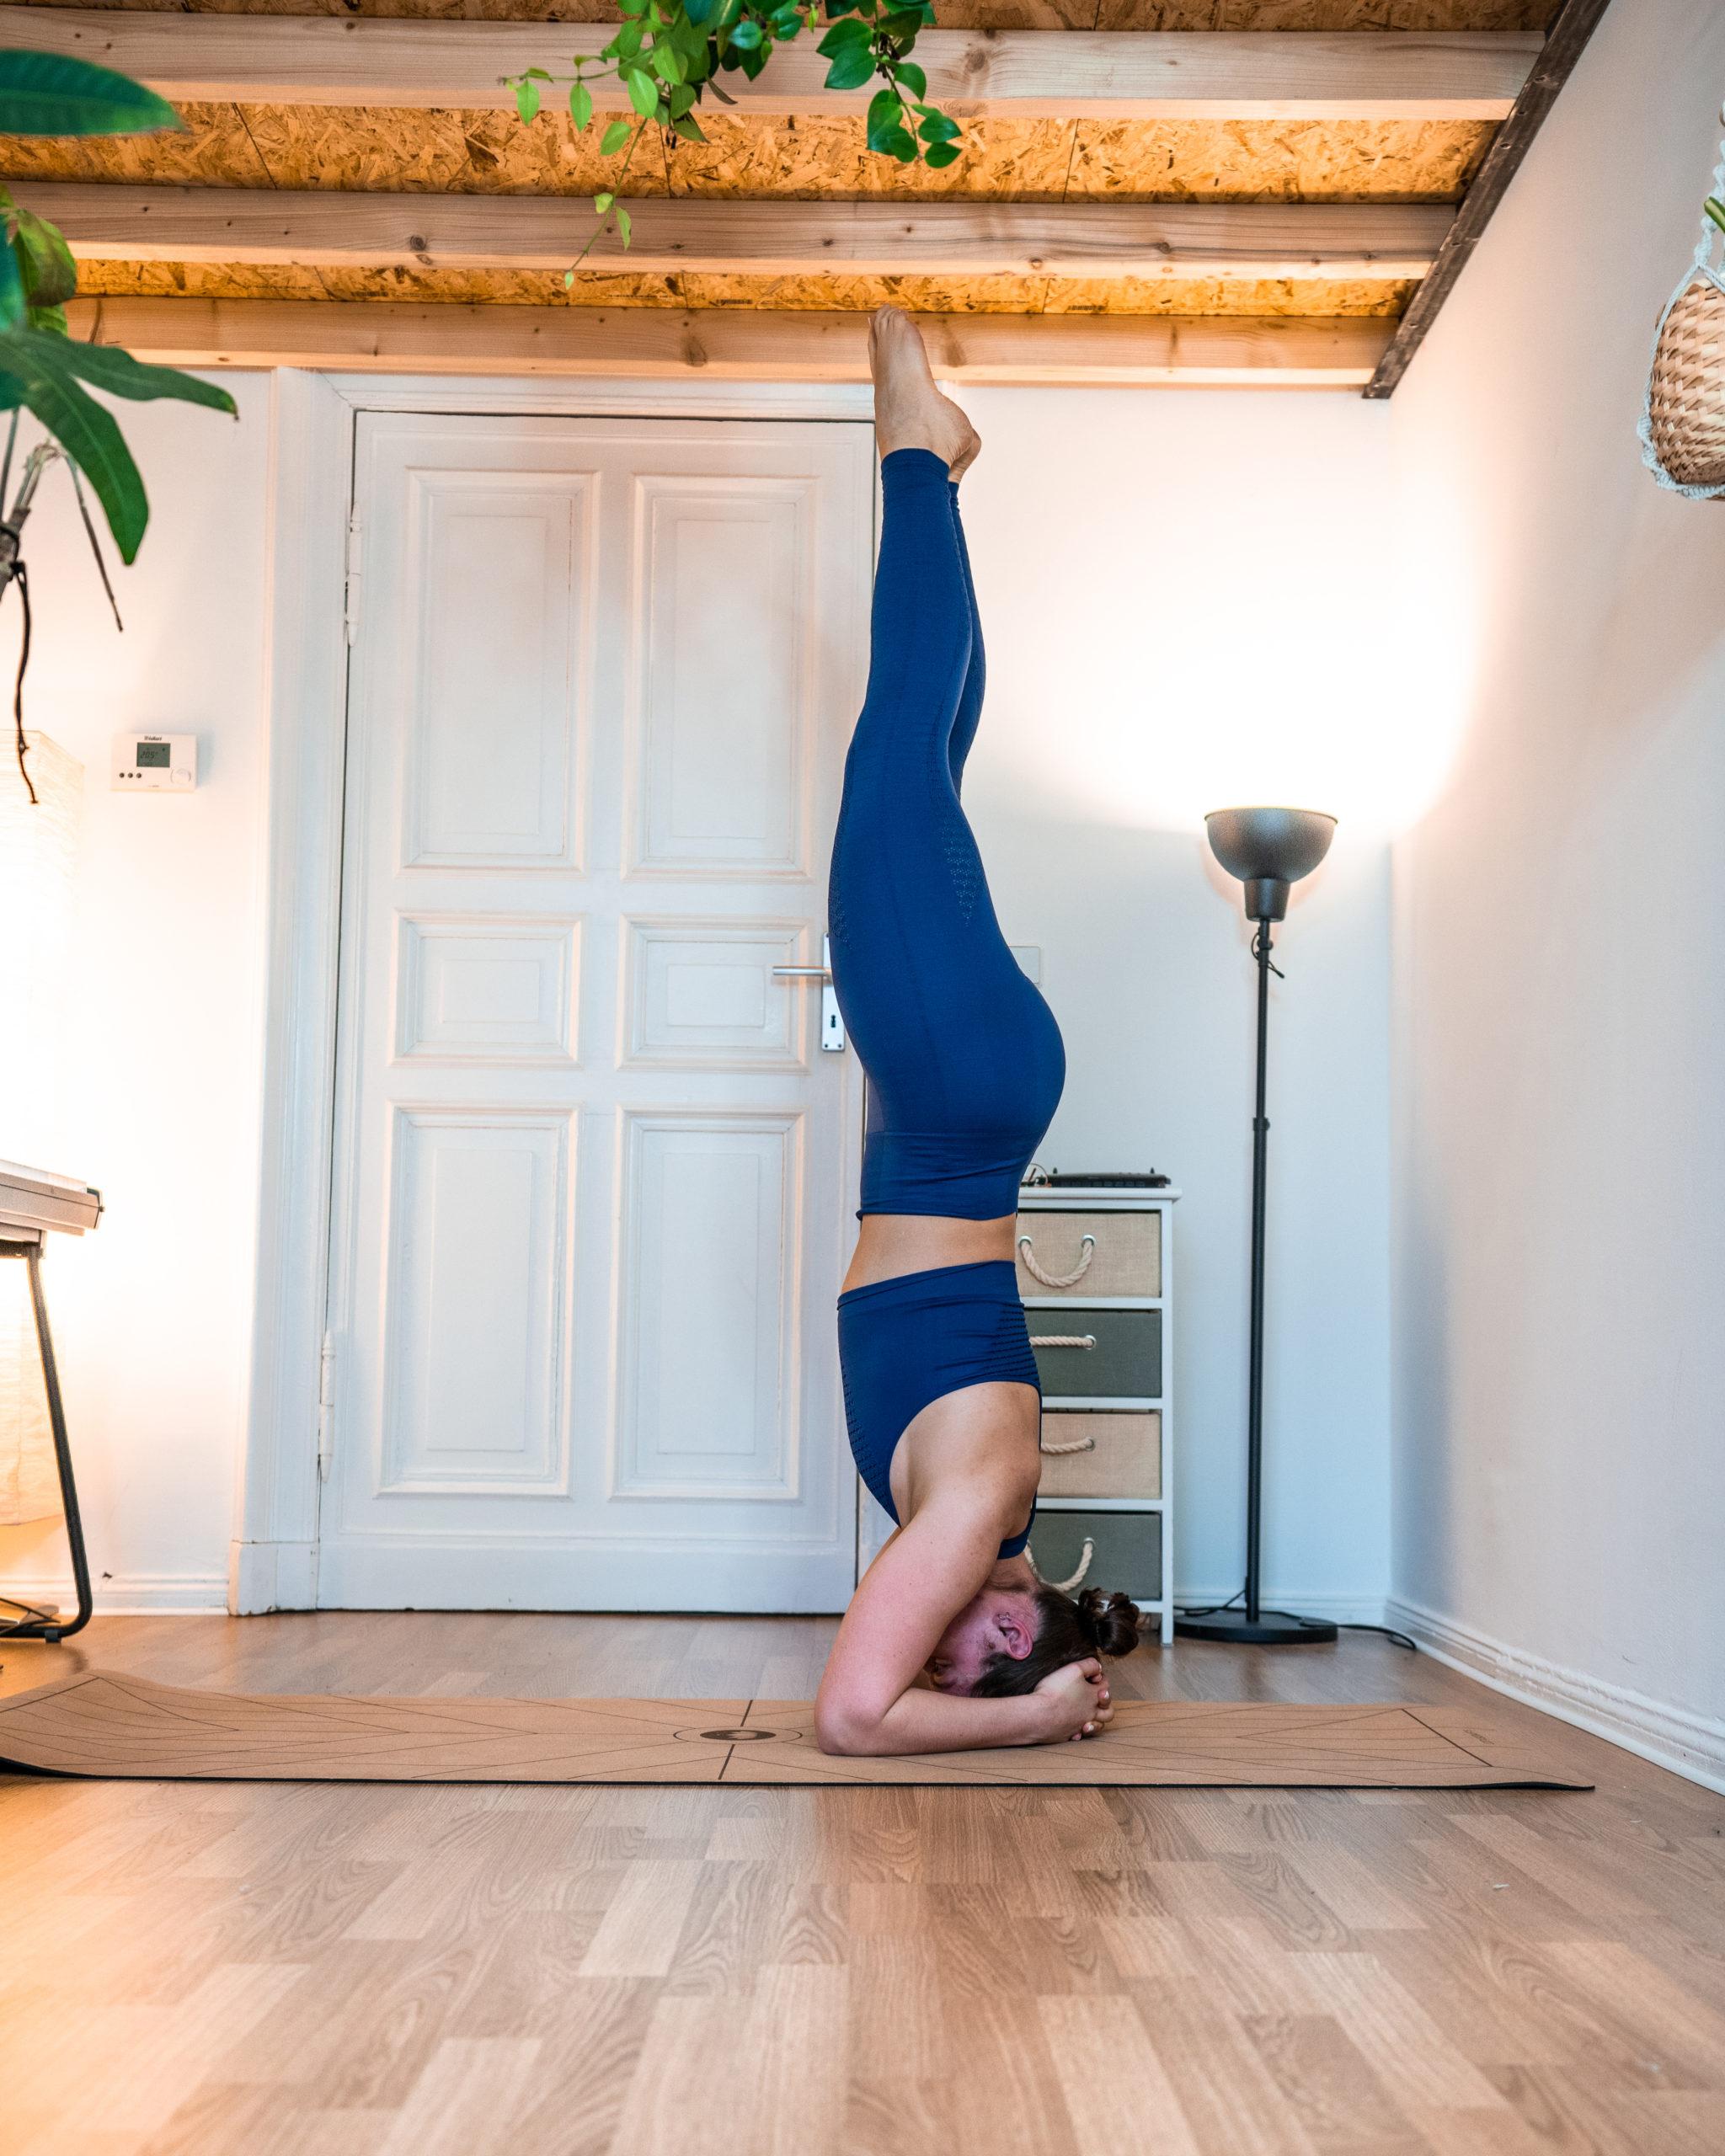 Kopfstand lernen in 50 einfachen Schritten   regina engelhardt